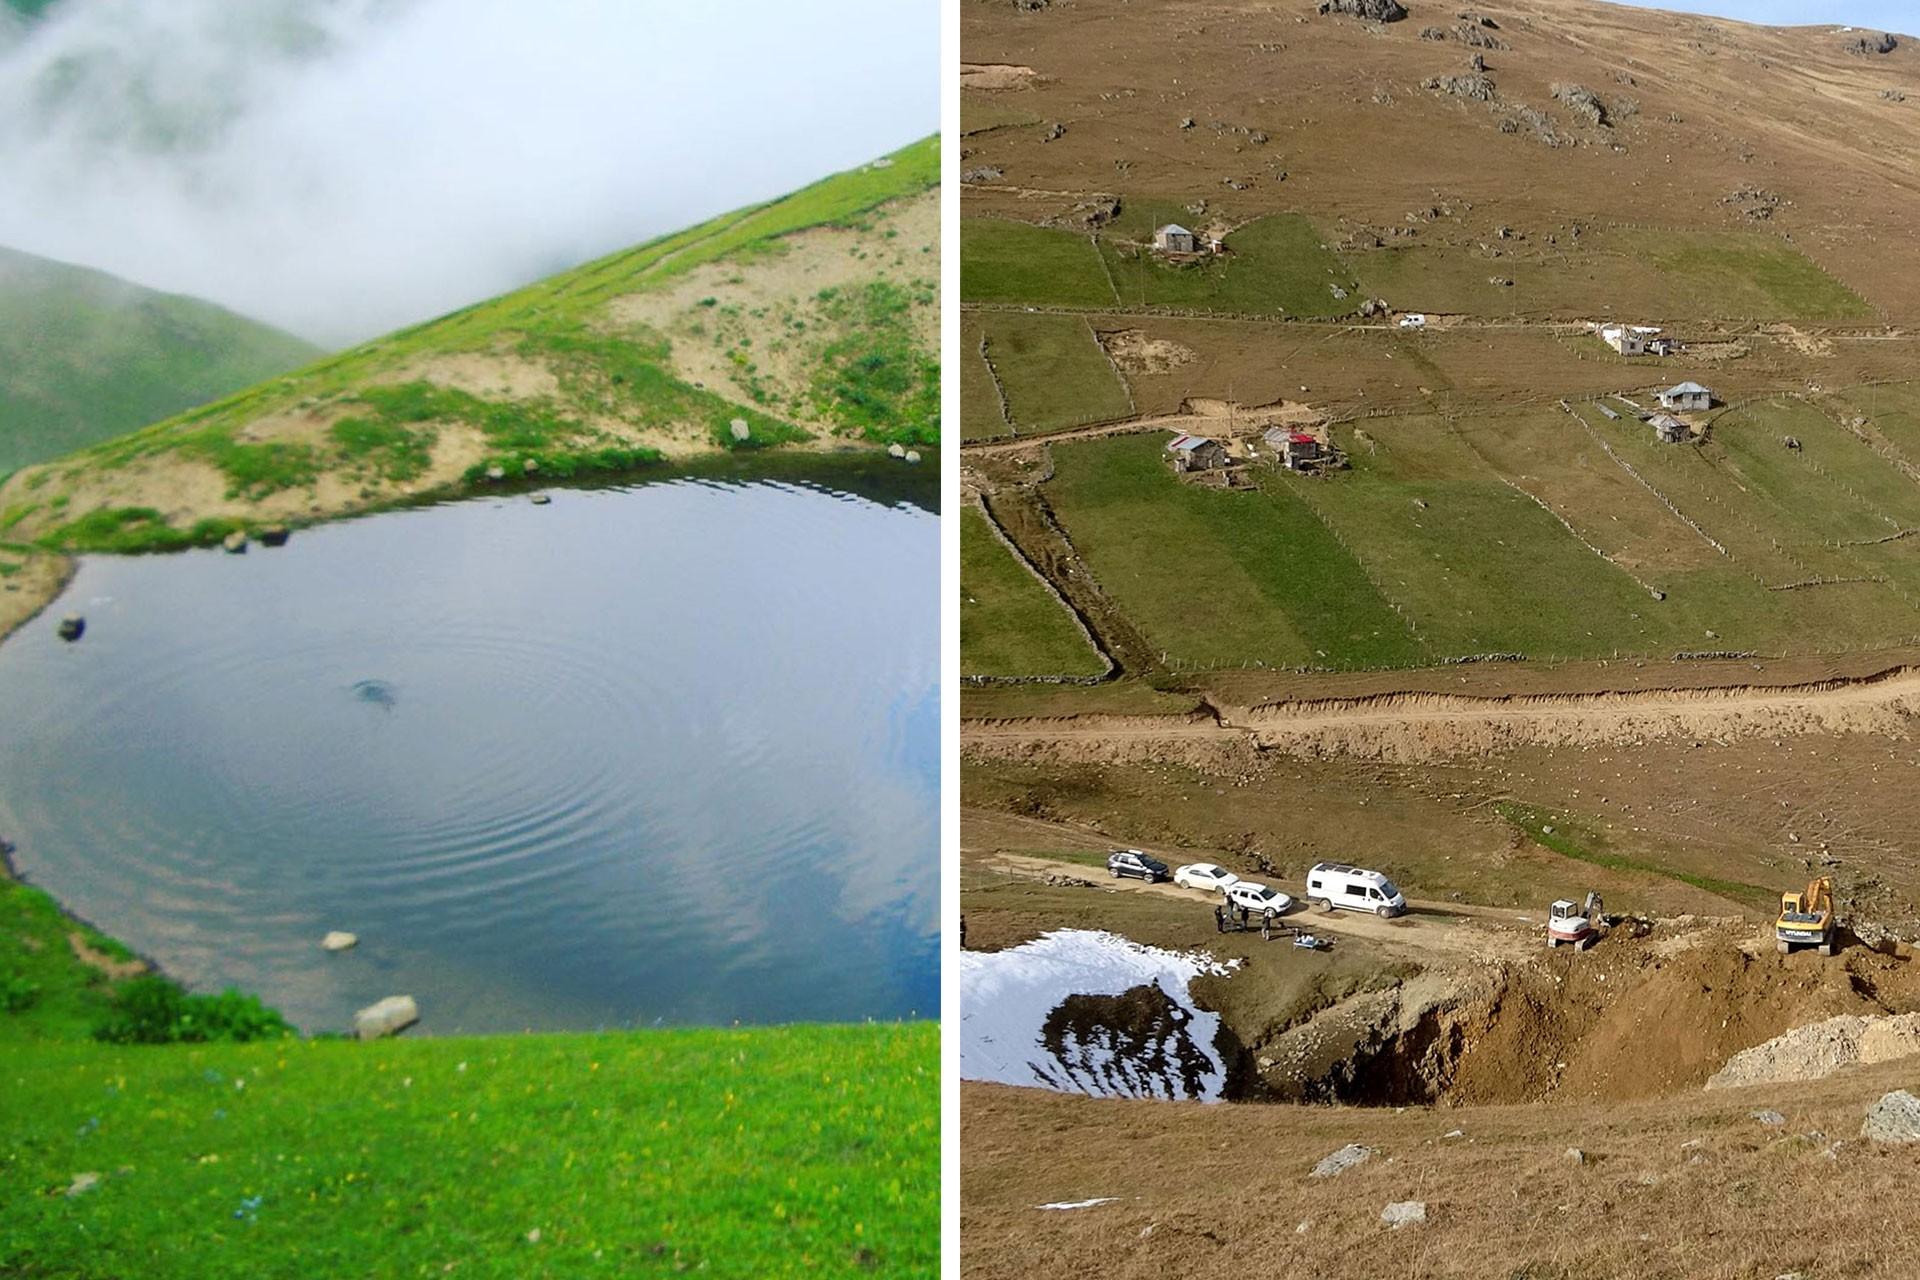 Dipsiz Göl'ün kazı yapılmadan önceki hali (solda) ve sonraki hali (sağda)